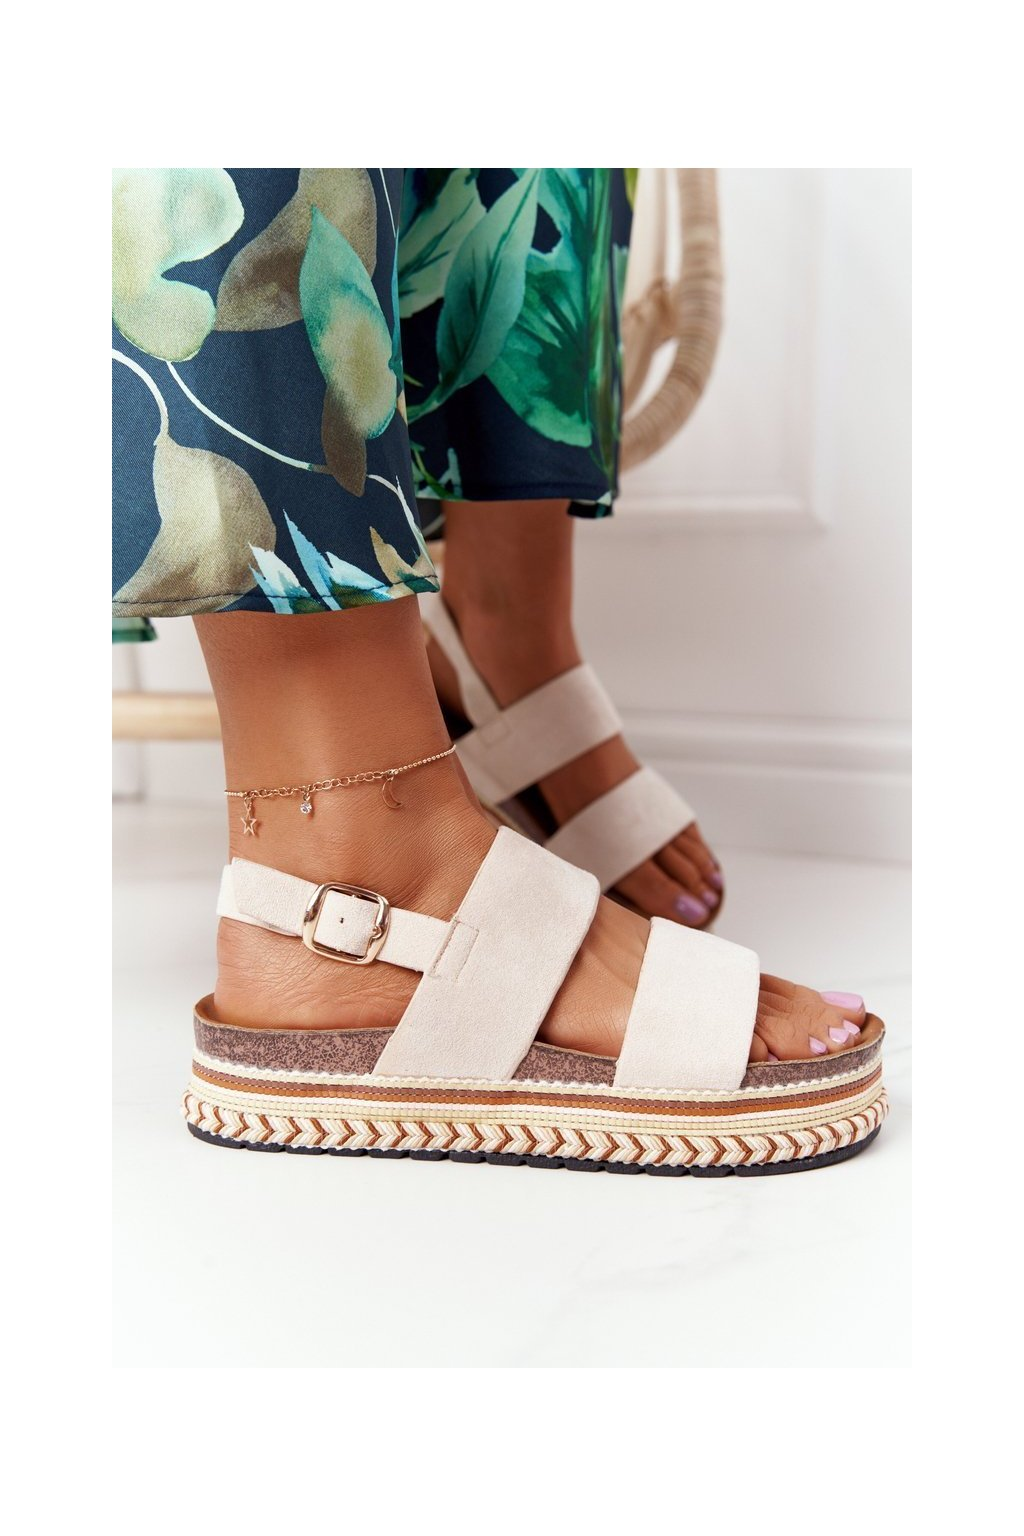 Dámske sandále NJSK 7857 BEIGE